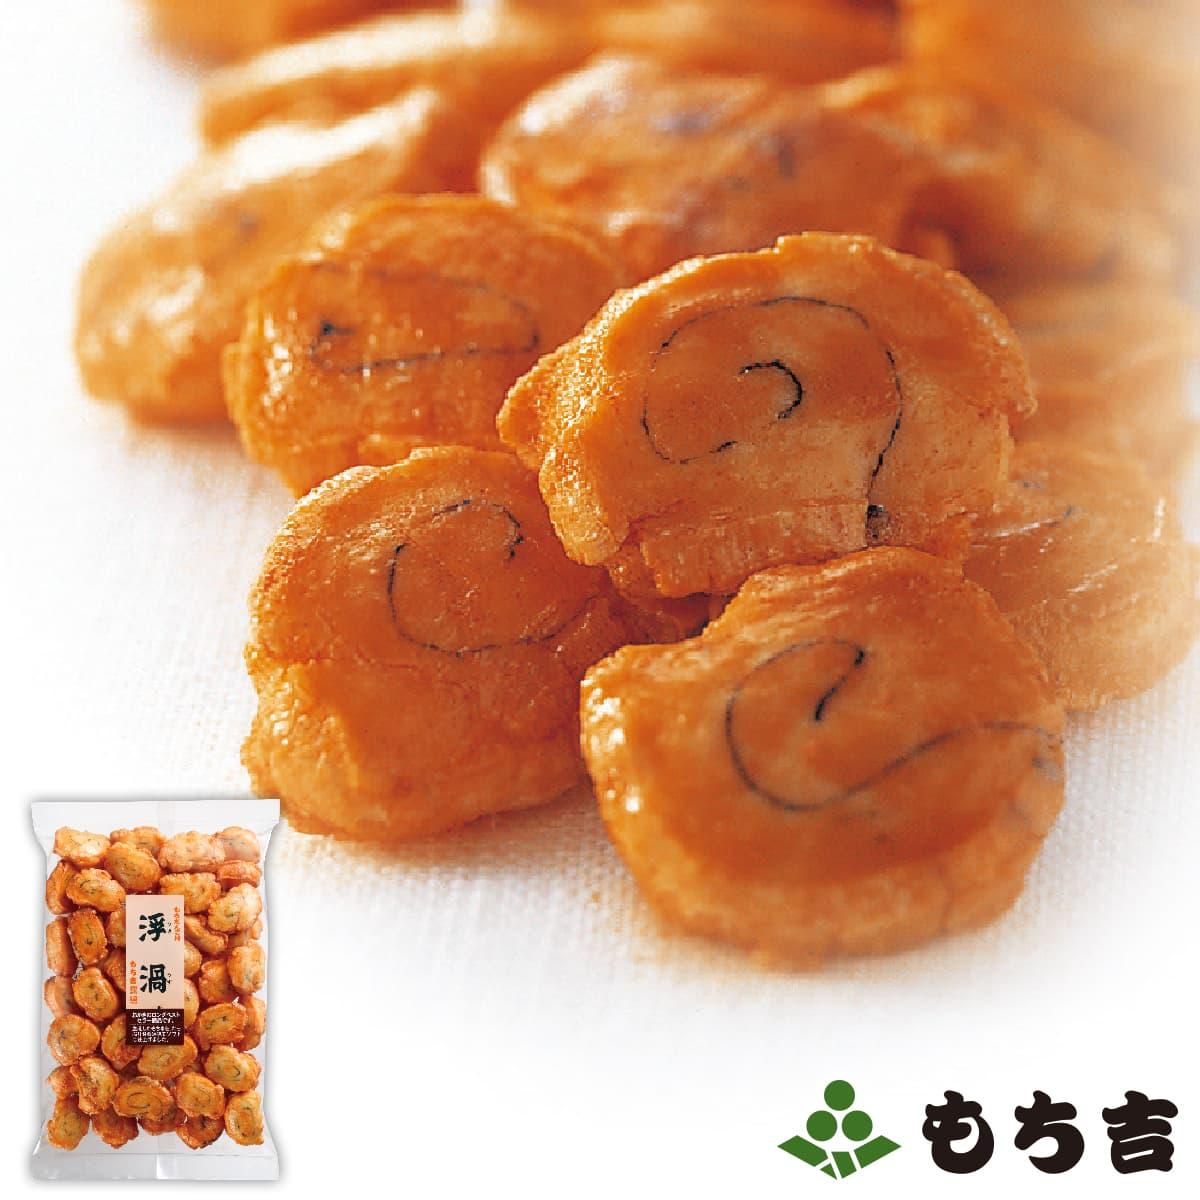 店舗で大人気シリーズ たっぷり甘醤油味でソフトな食感が人気です 日本限定 全国一律送料無料 もち吉 国産米100% 浮渦 110g